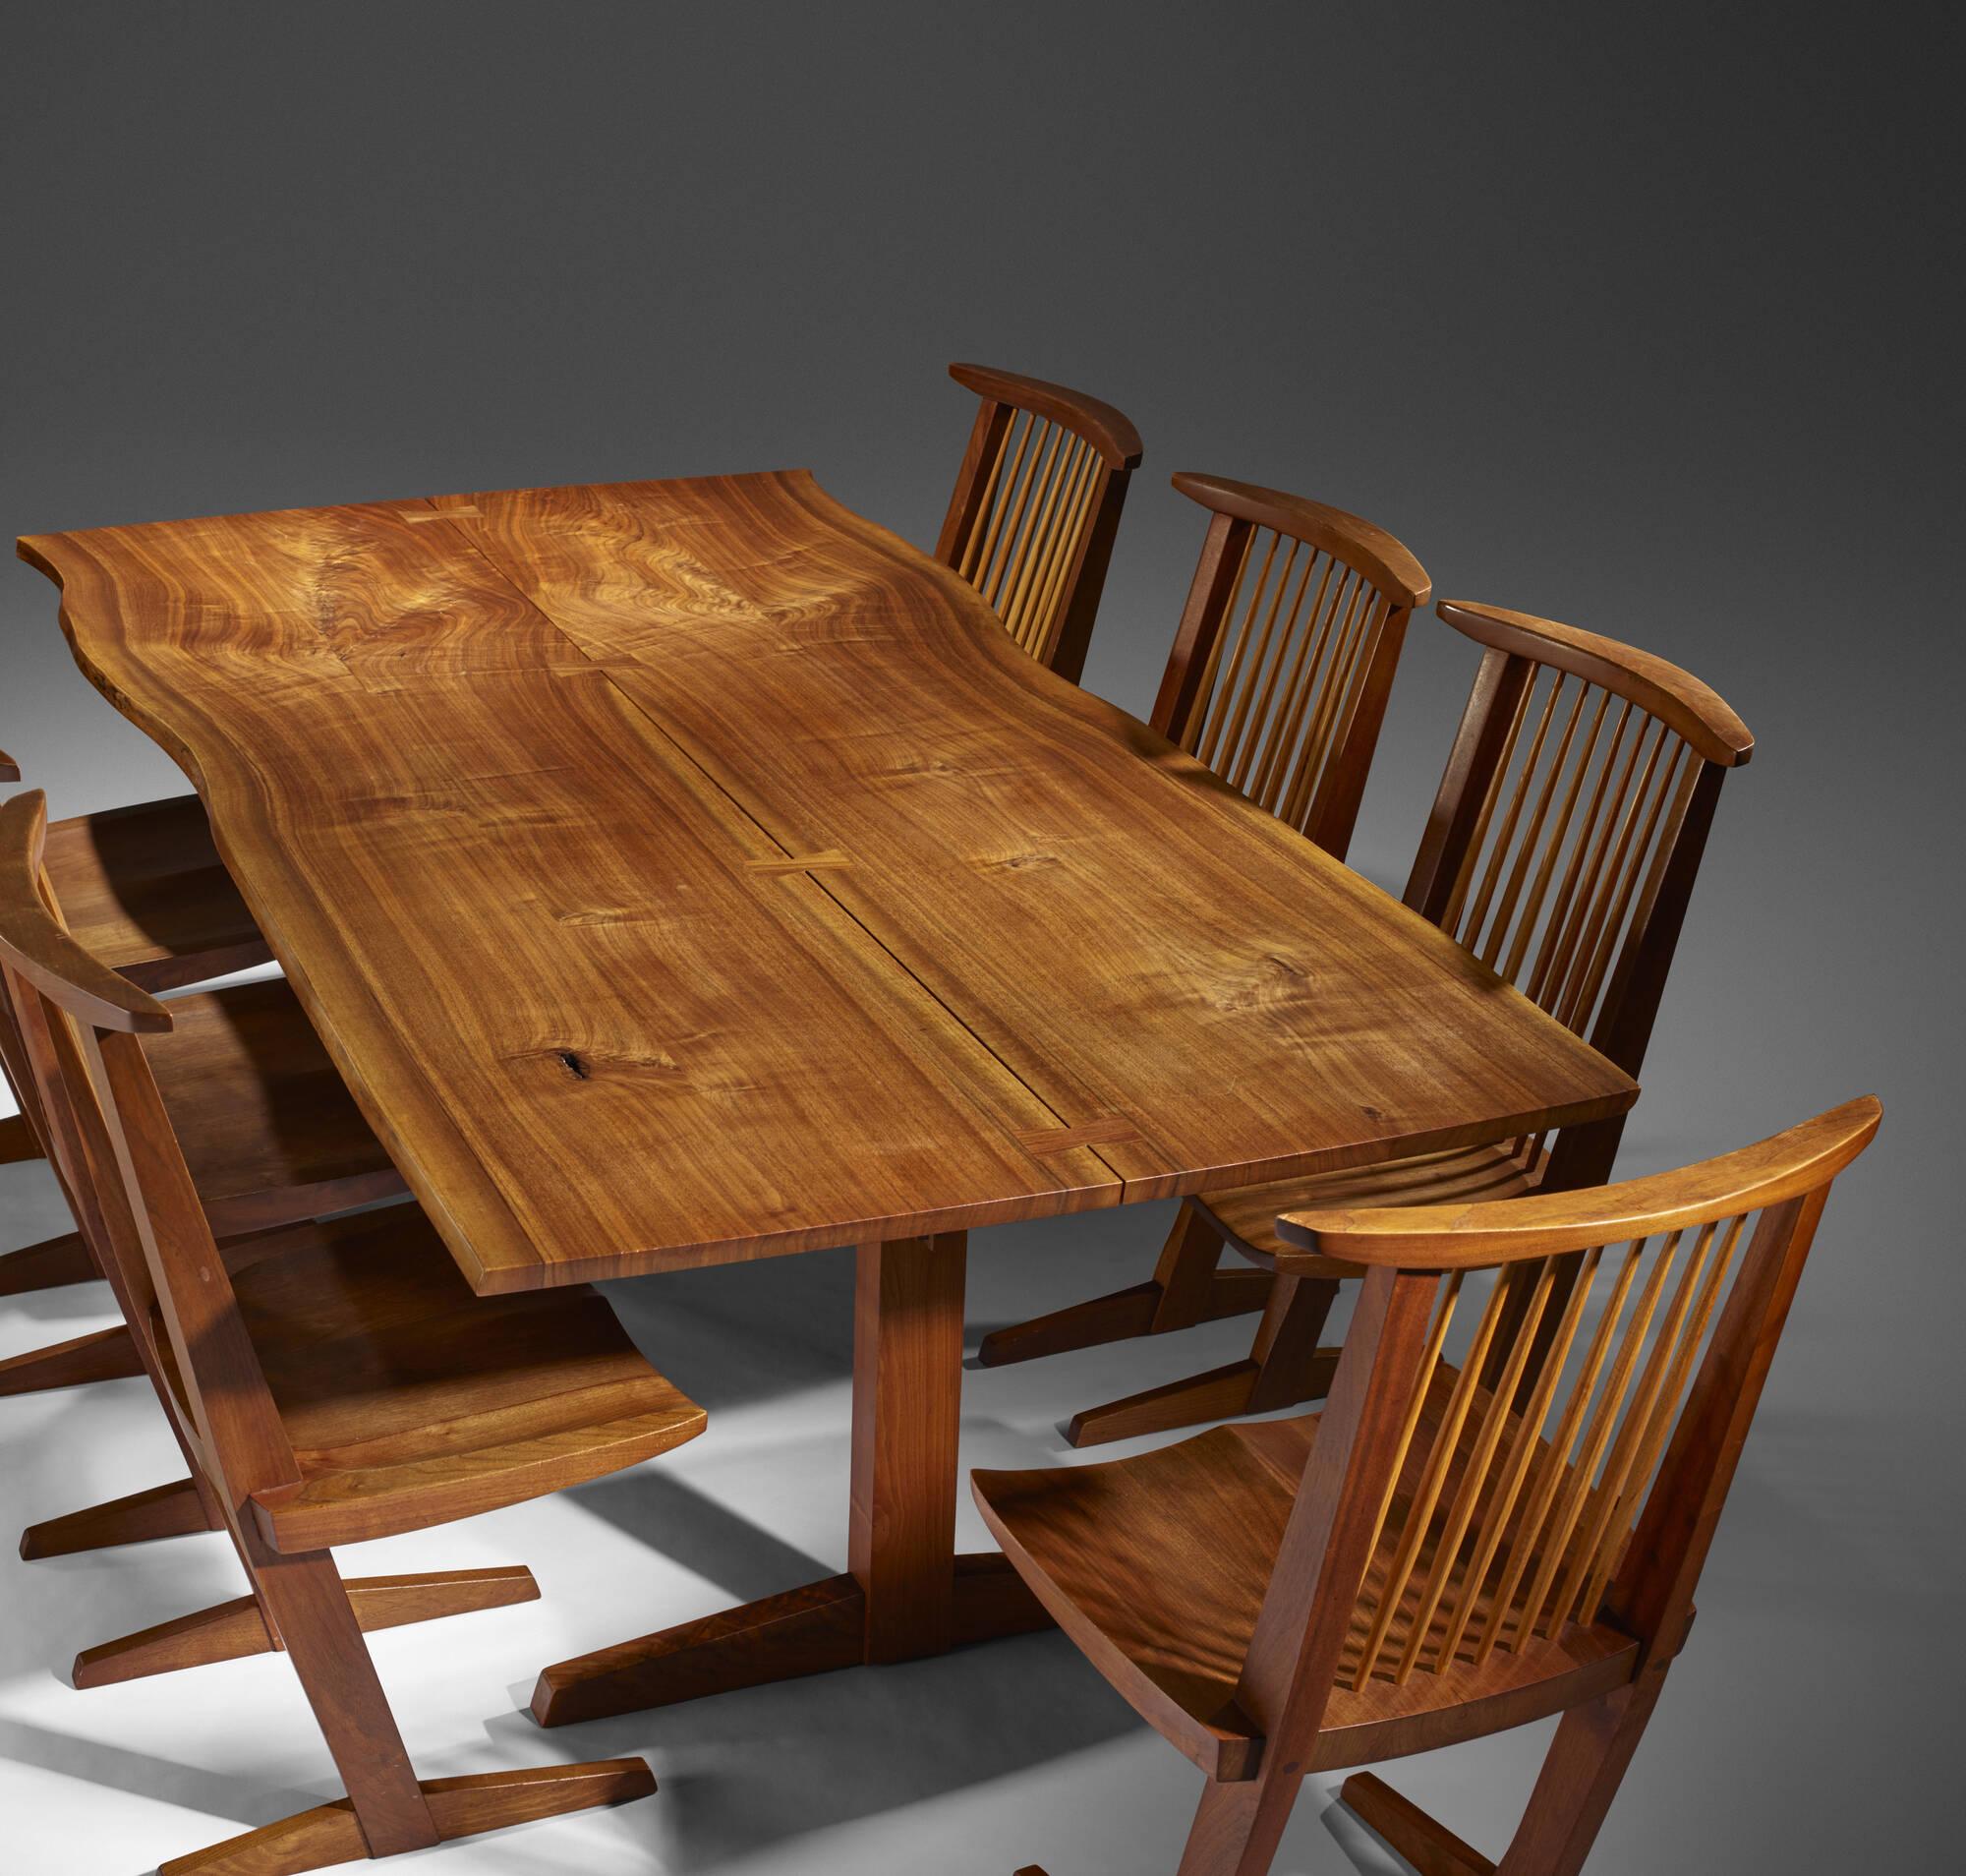 192 George Nakashima Trestle Dining Table 2 Of 5